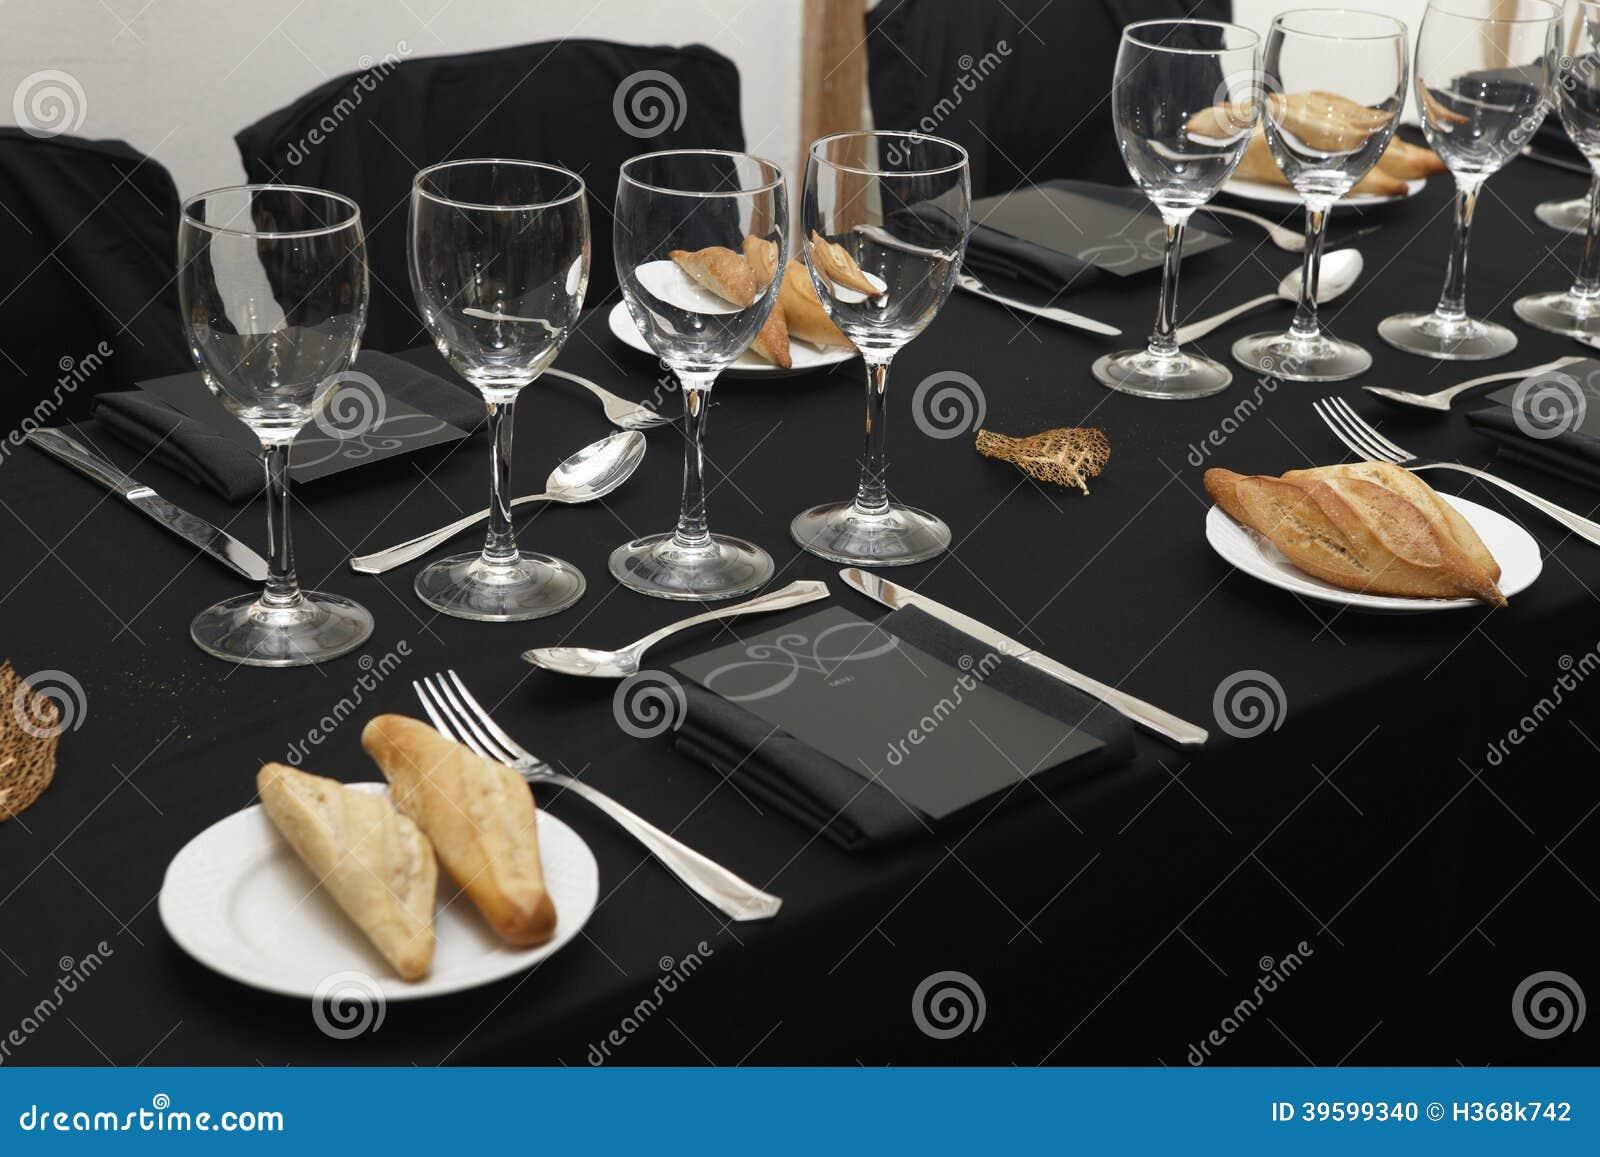 schwarze tischdecke mit gl sern und tellern stockfoto bild von tabelle schwarzes 39599340. Black Bedroom Furniture Sets. Home Design Ideas